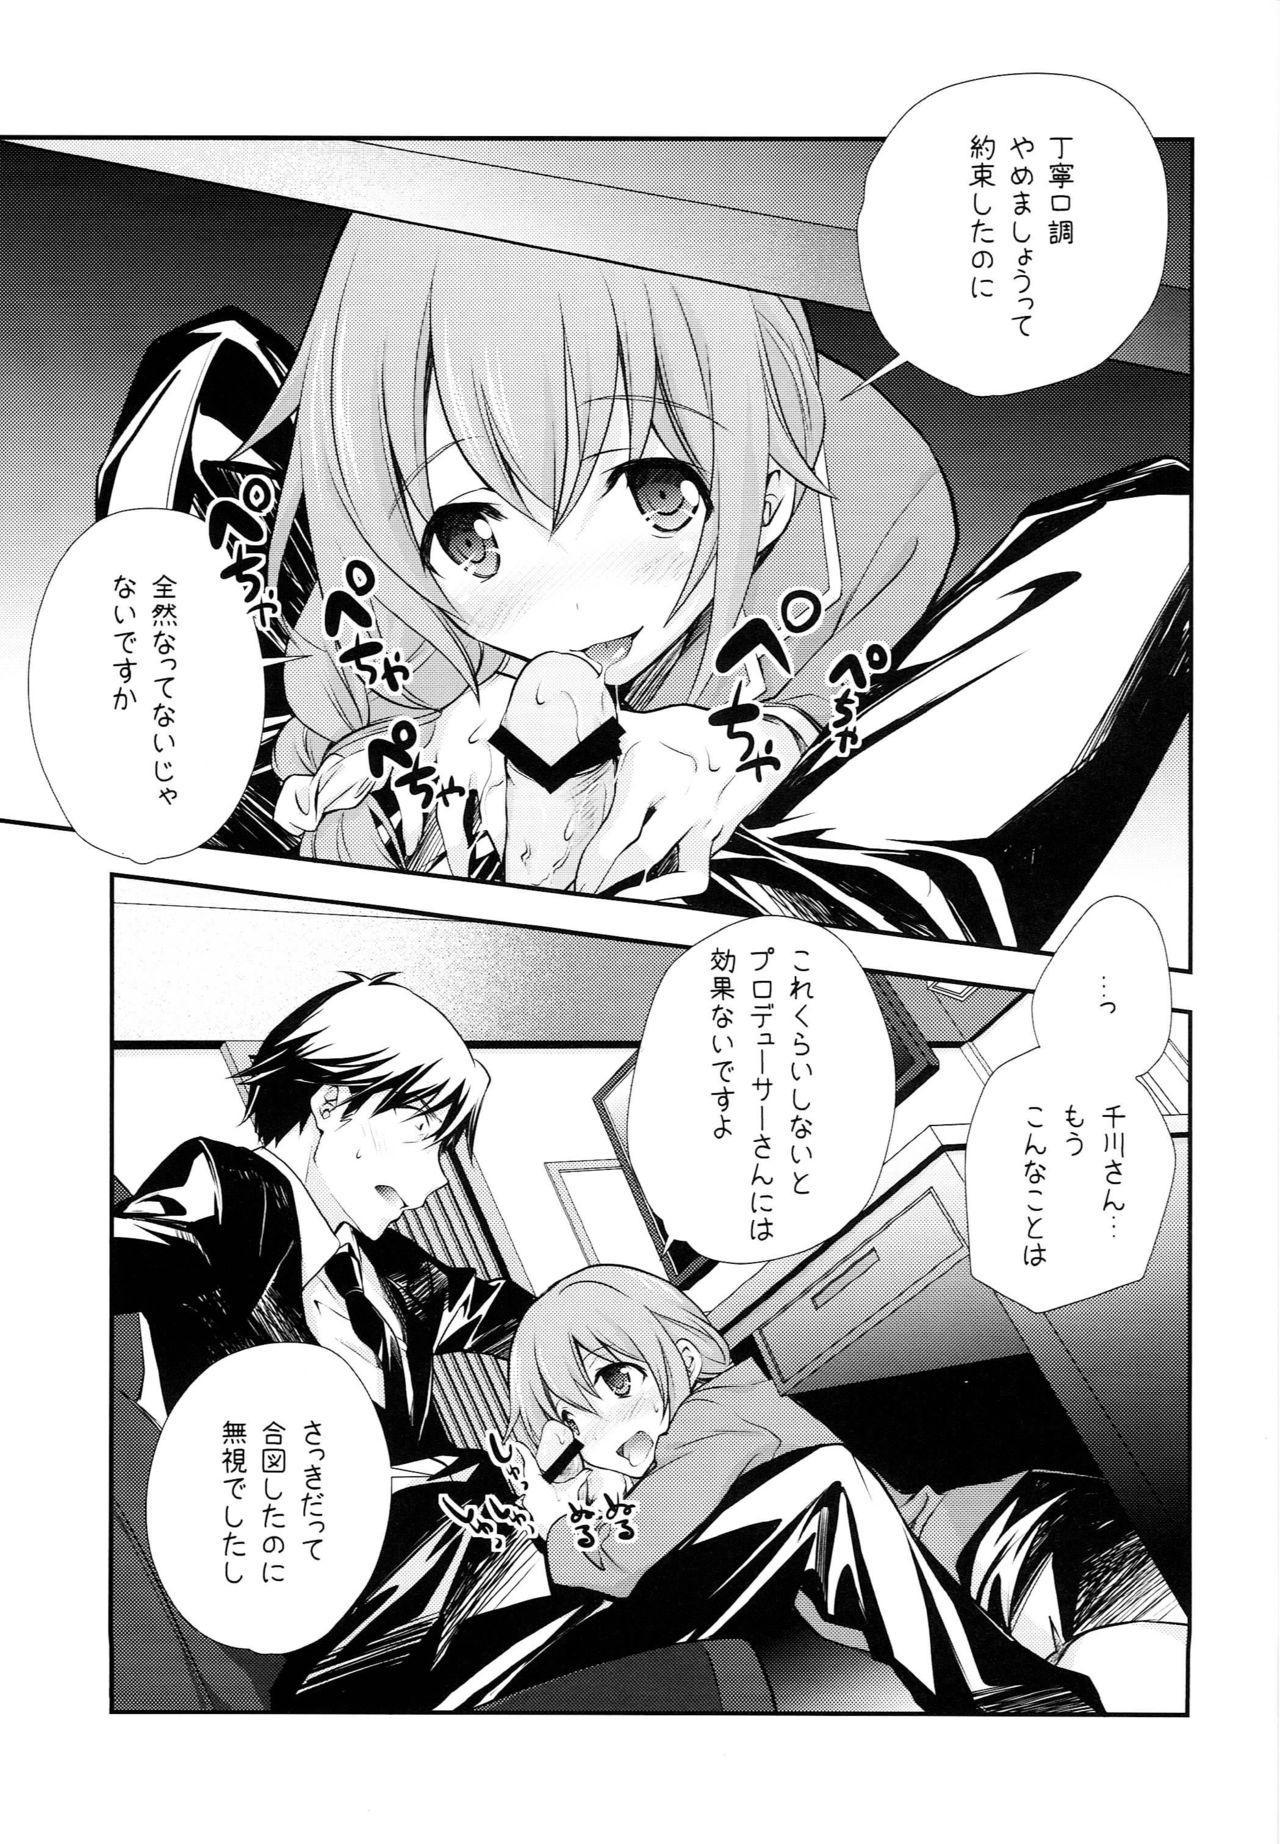 P ni 14-nin no Cinderella ga Makura o Kyouyou Suru Usui Hon 5